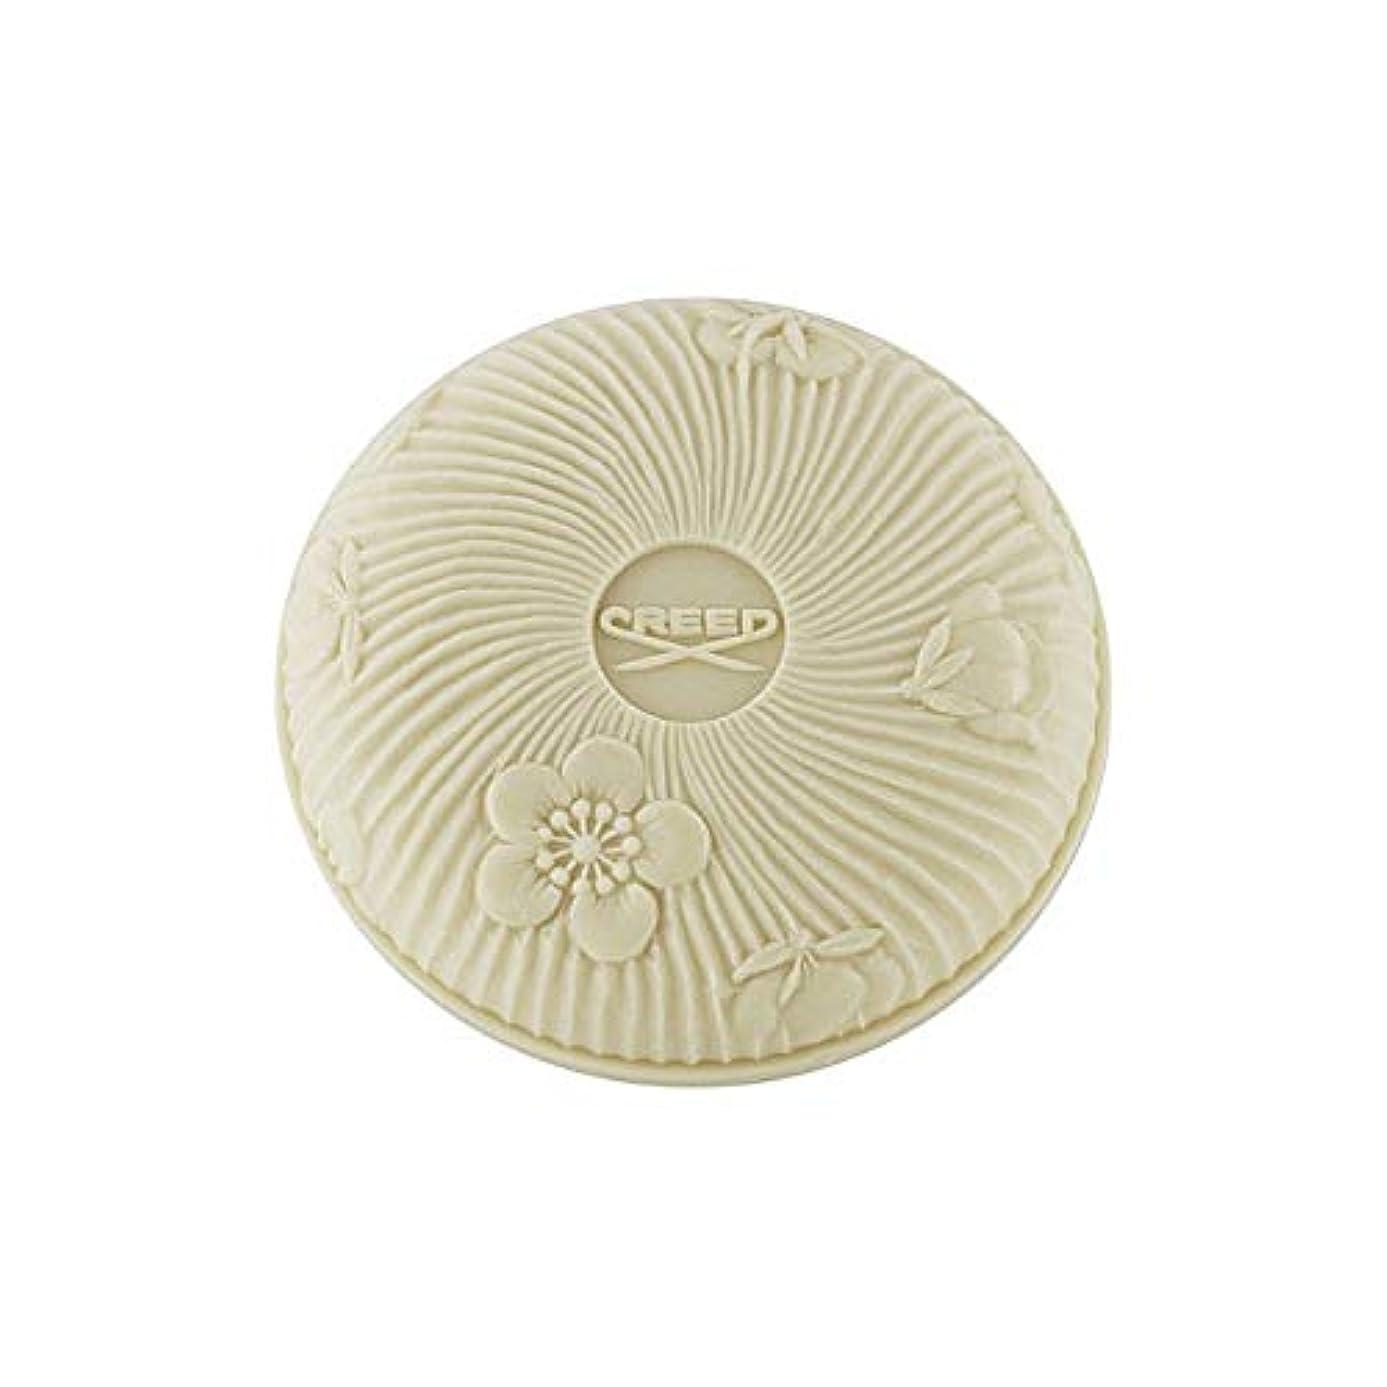 埋め込む人類キャンセル[Creed ] 白い石鹸150グラムで信条愛 - Creed Love In White Soap 150G [並行輸入品]